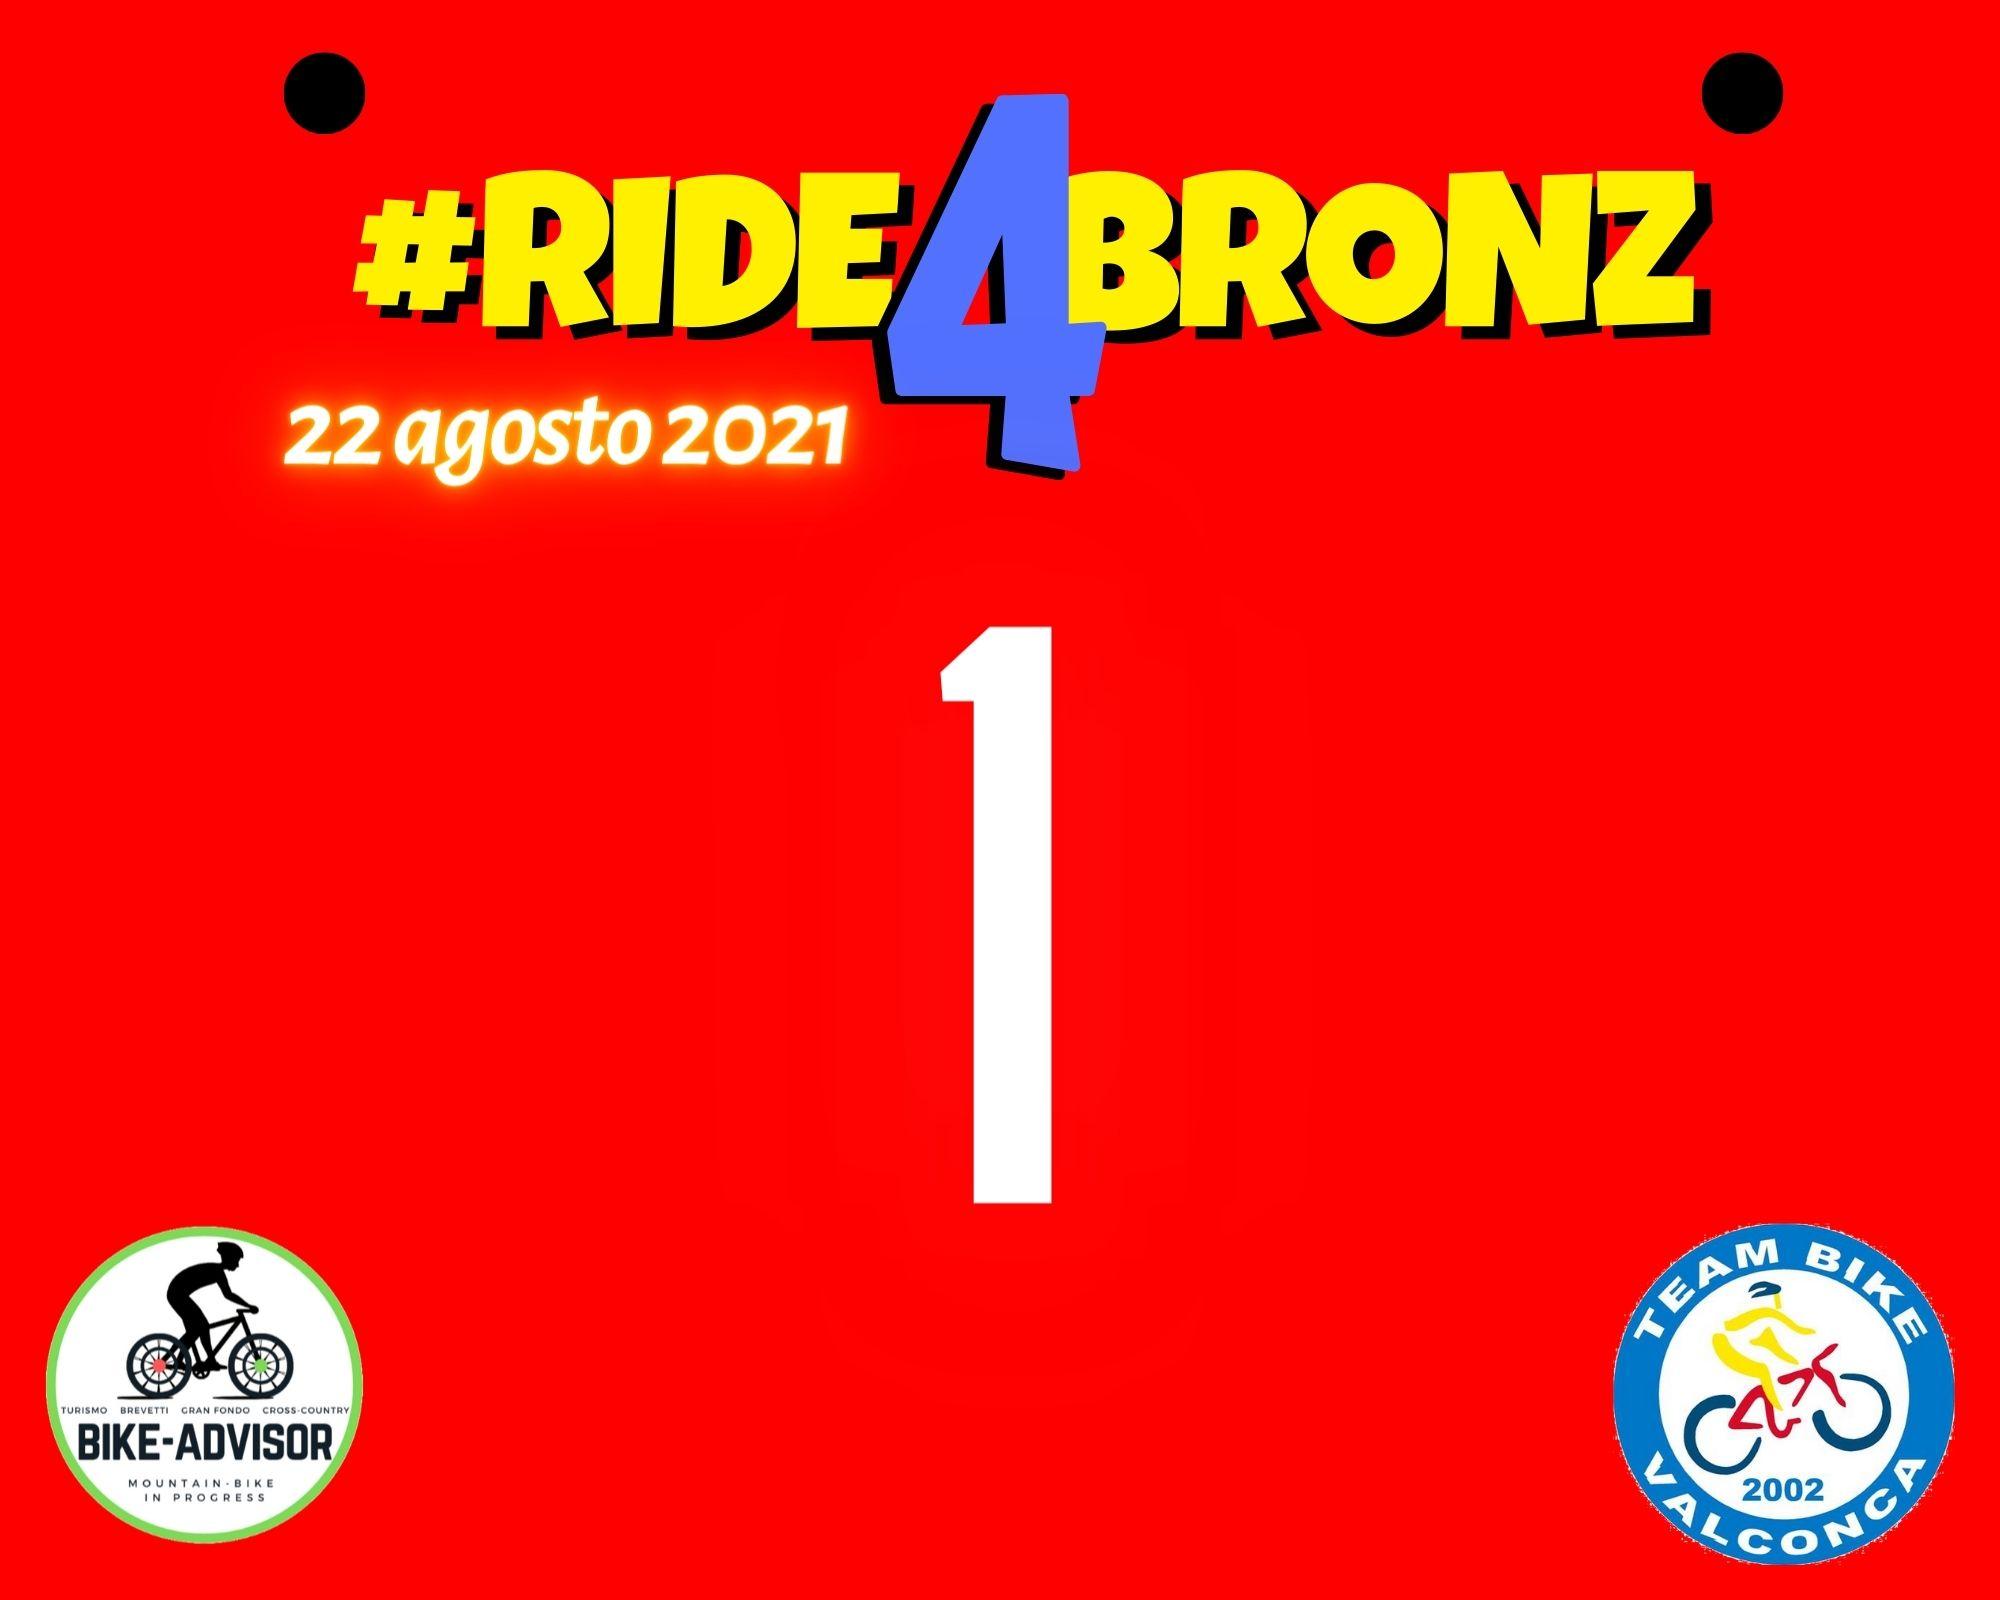 Ride4Bronz: ecco i premi a sorteggio!